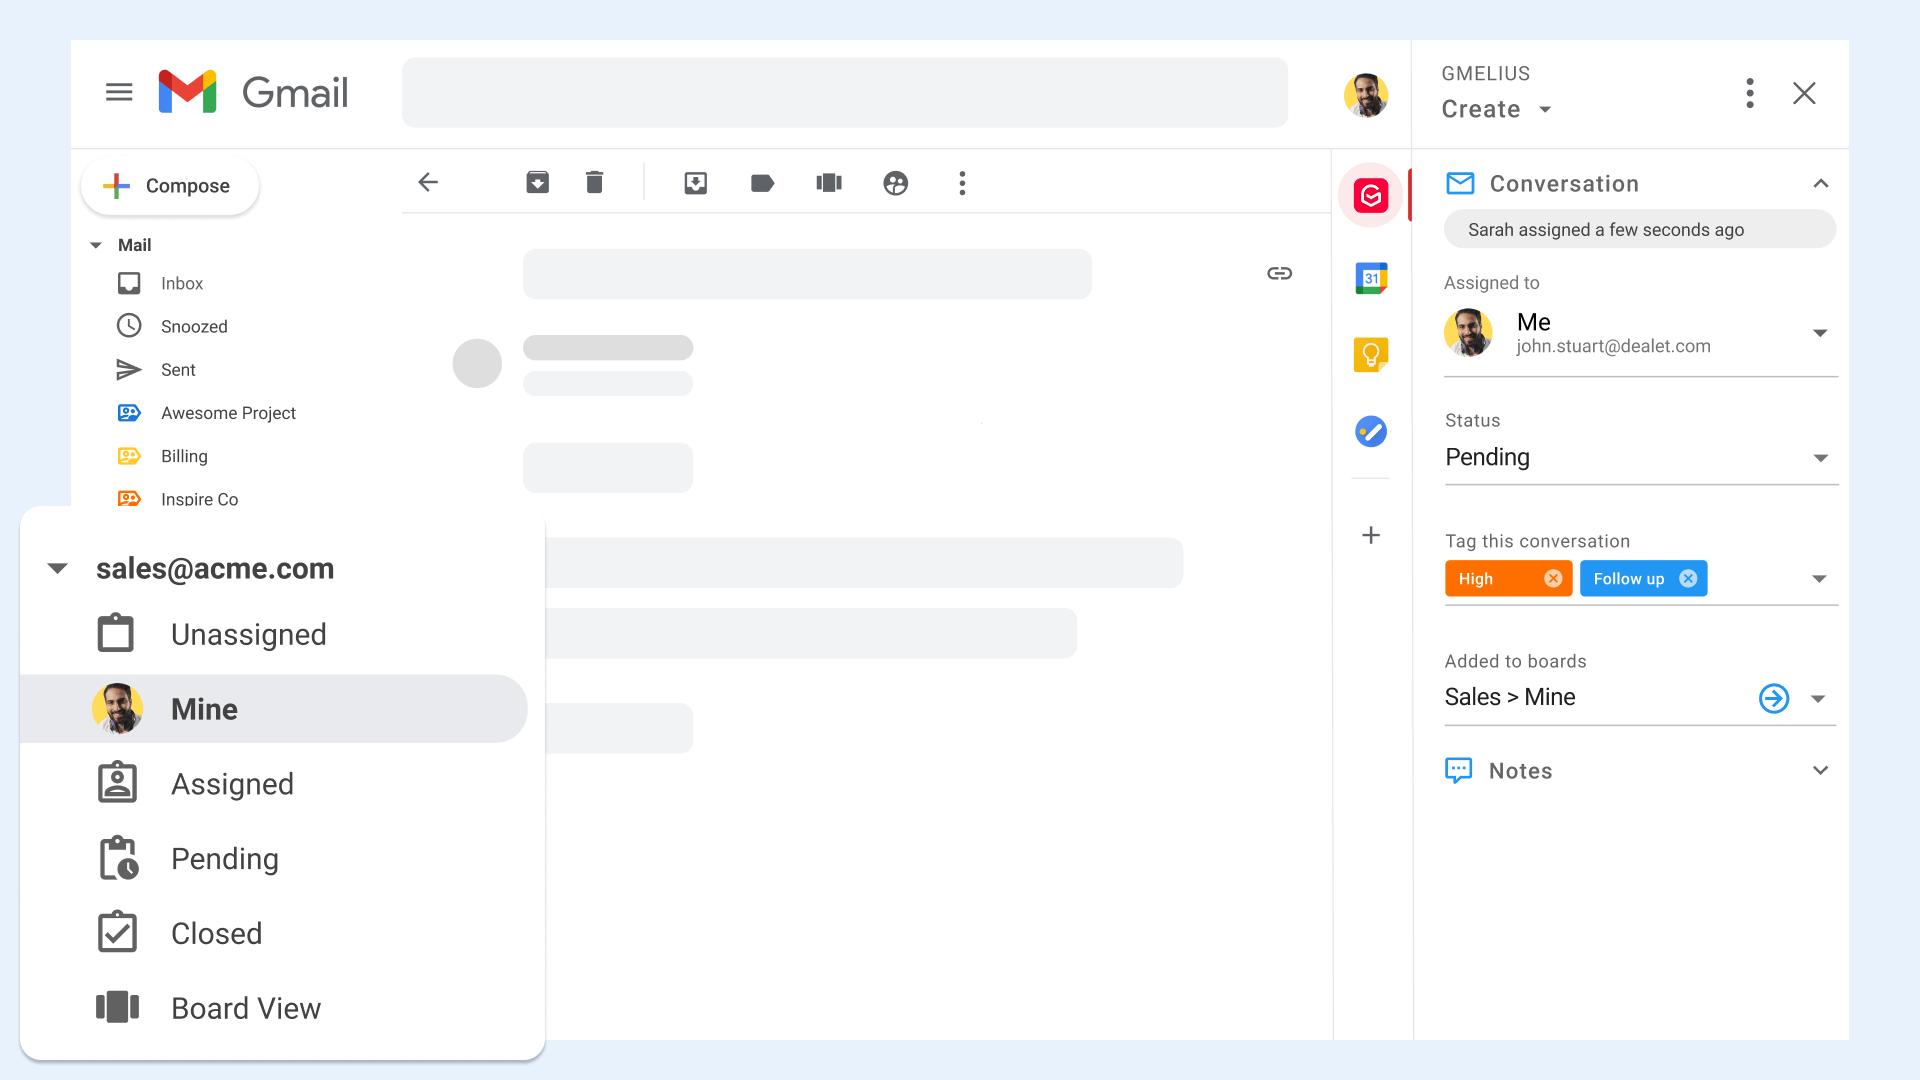 Shared Inbox Sales Mine